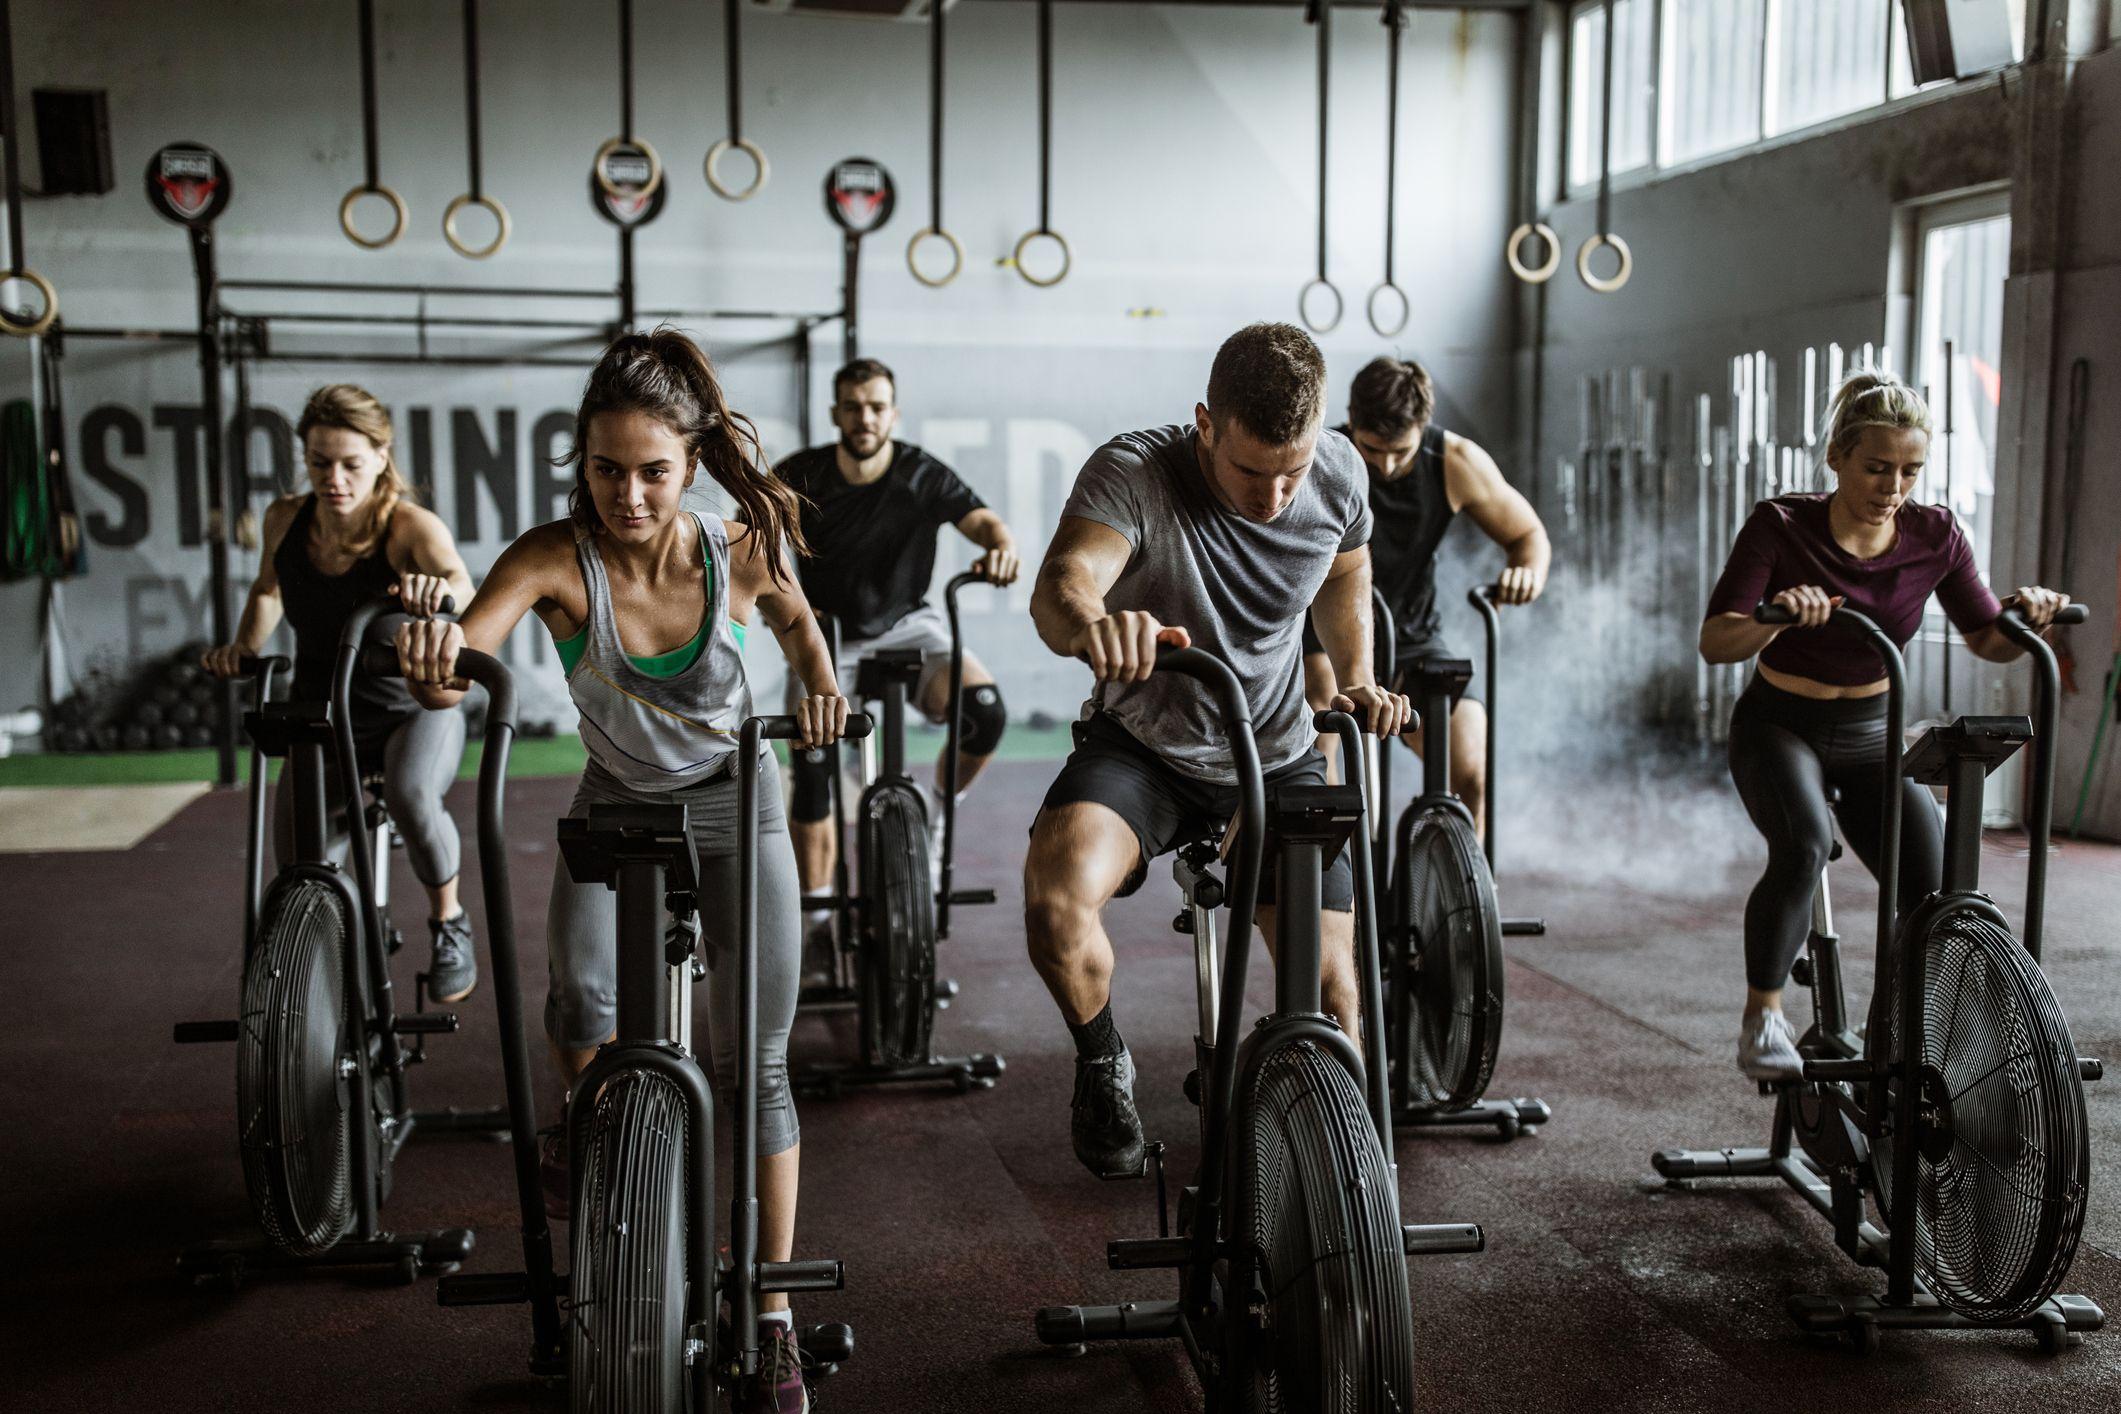 Best workout regimen to lose weight